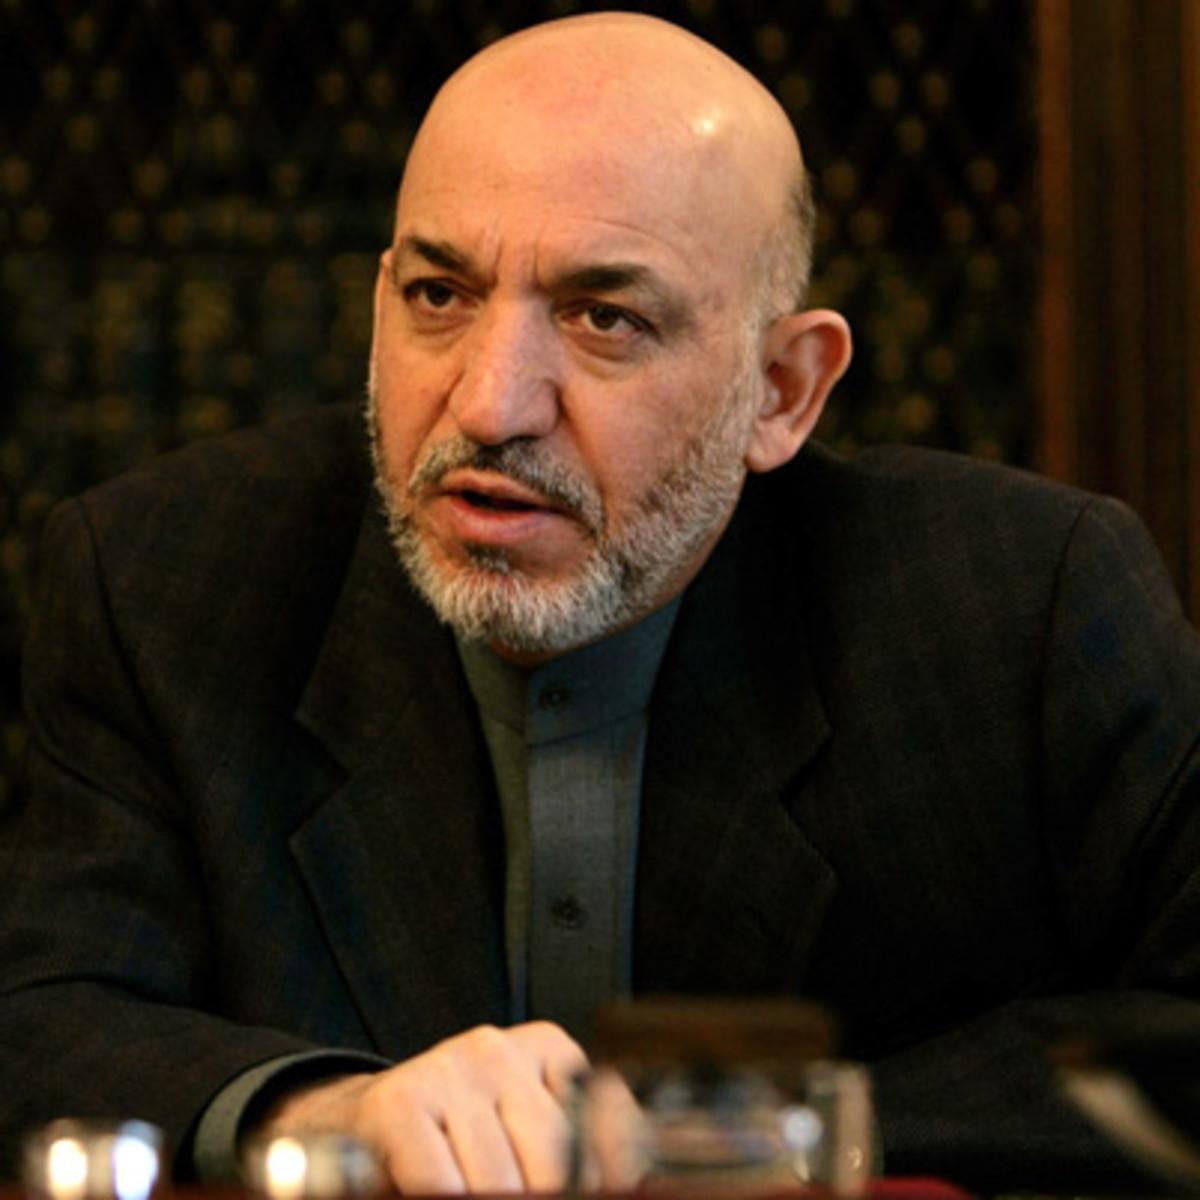 Mantan Presiden Afghanistan, Karzai, Sebut AS Bertanggung Jawab Atas ISIS